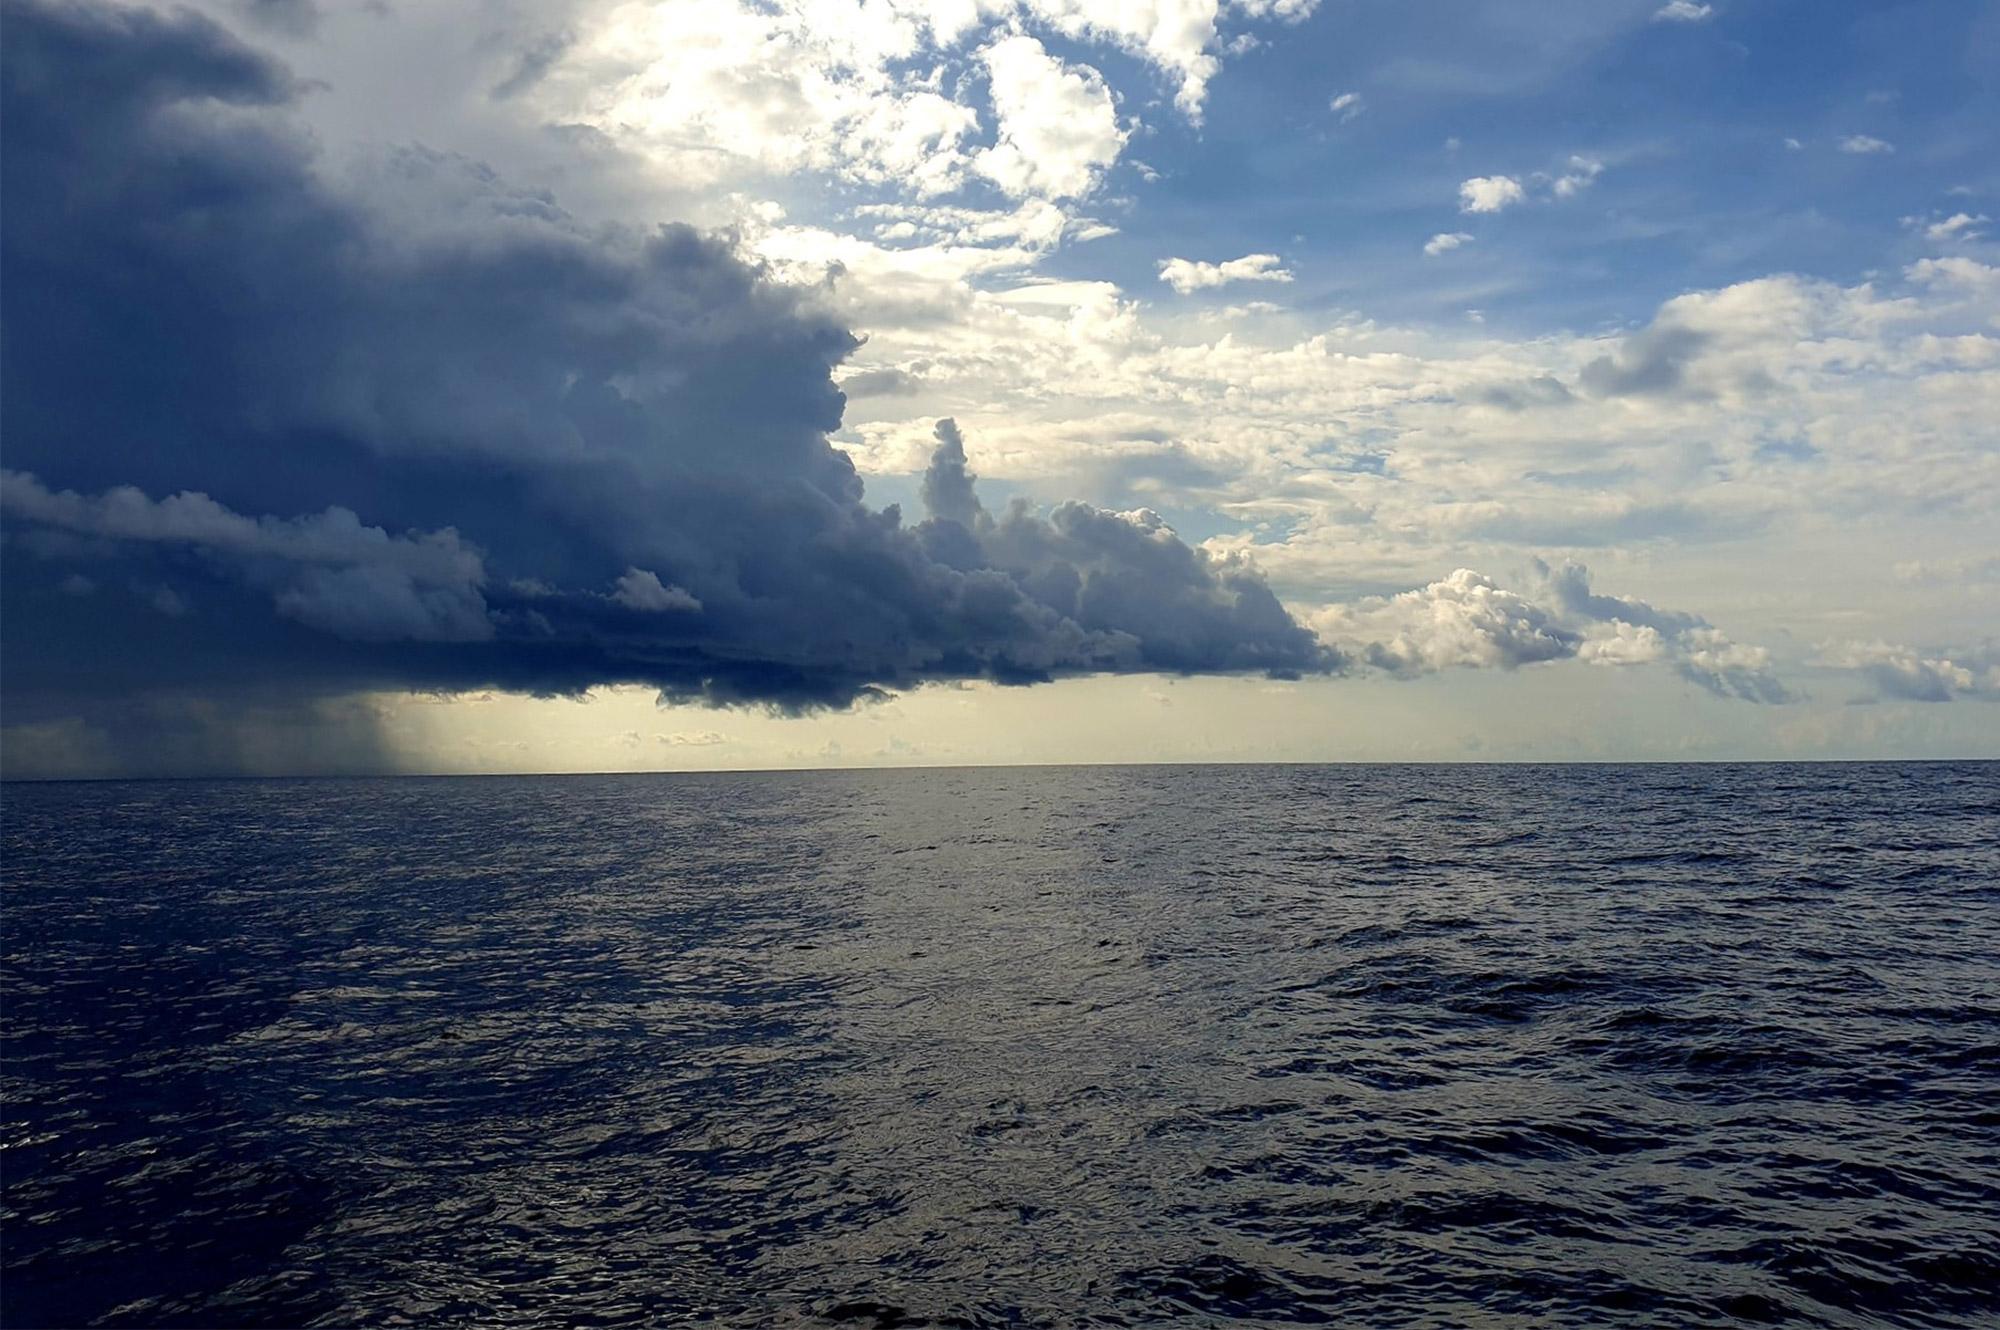 Die Wetterlage auf dem Mittelmeer kann sich jederzeit ändern